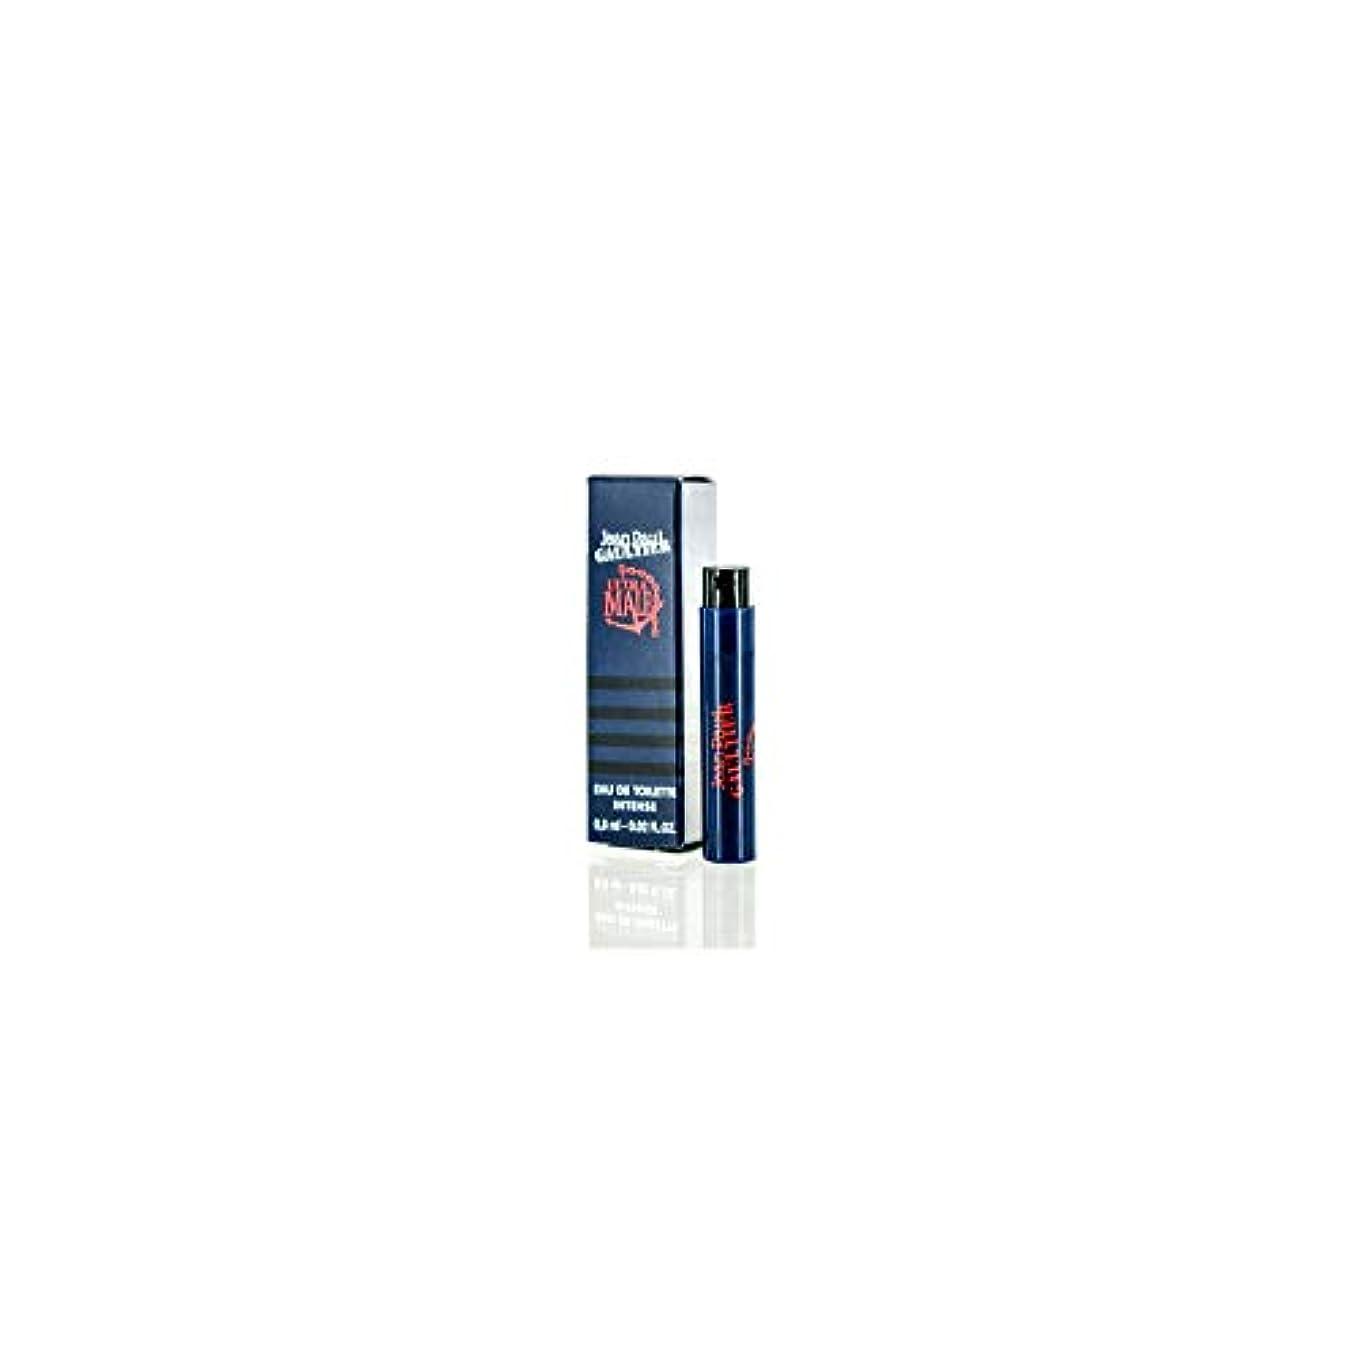 【ジャン ポール ゴルチェ】ウルトラ マル インテンス (チューブサンプル) EDT?SP 0.8ml [並行輸入品]